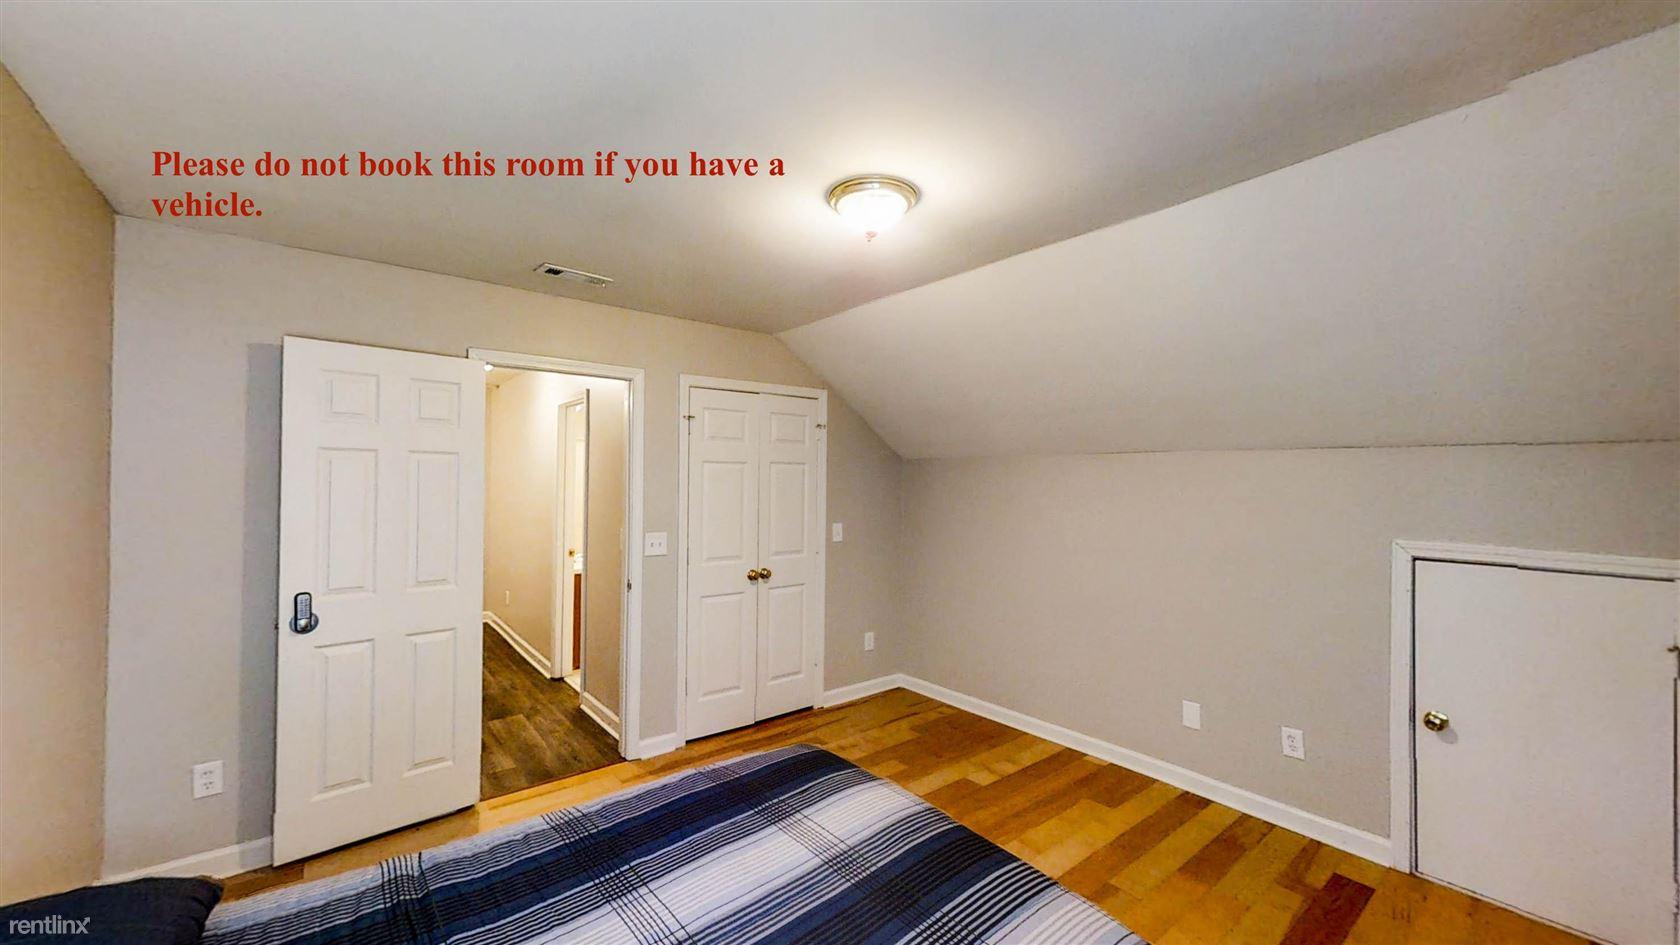 Joseph E. Boone Blvd Nw&aurora Ave Nw, Ga (id.269) for rent